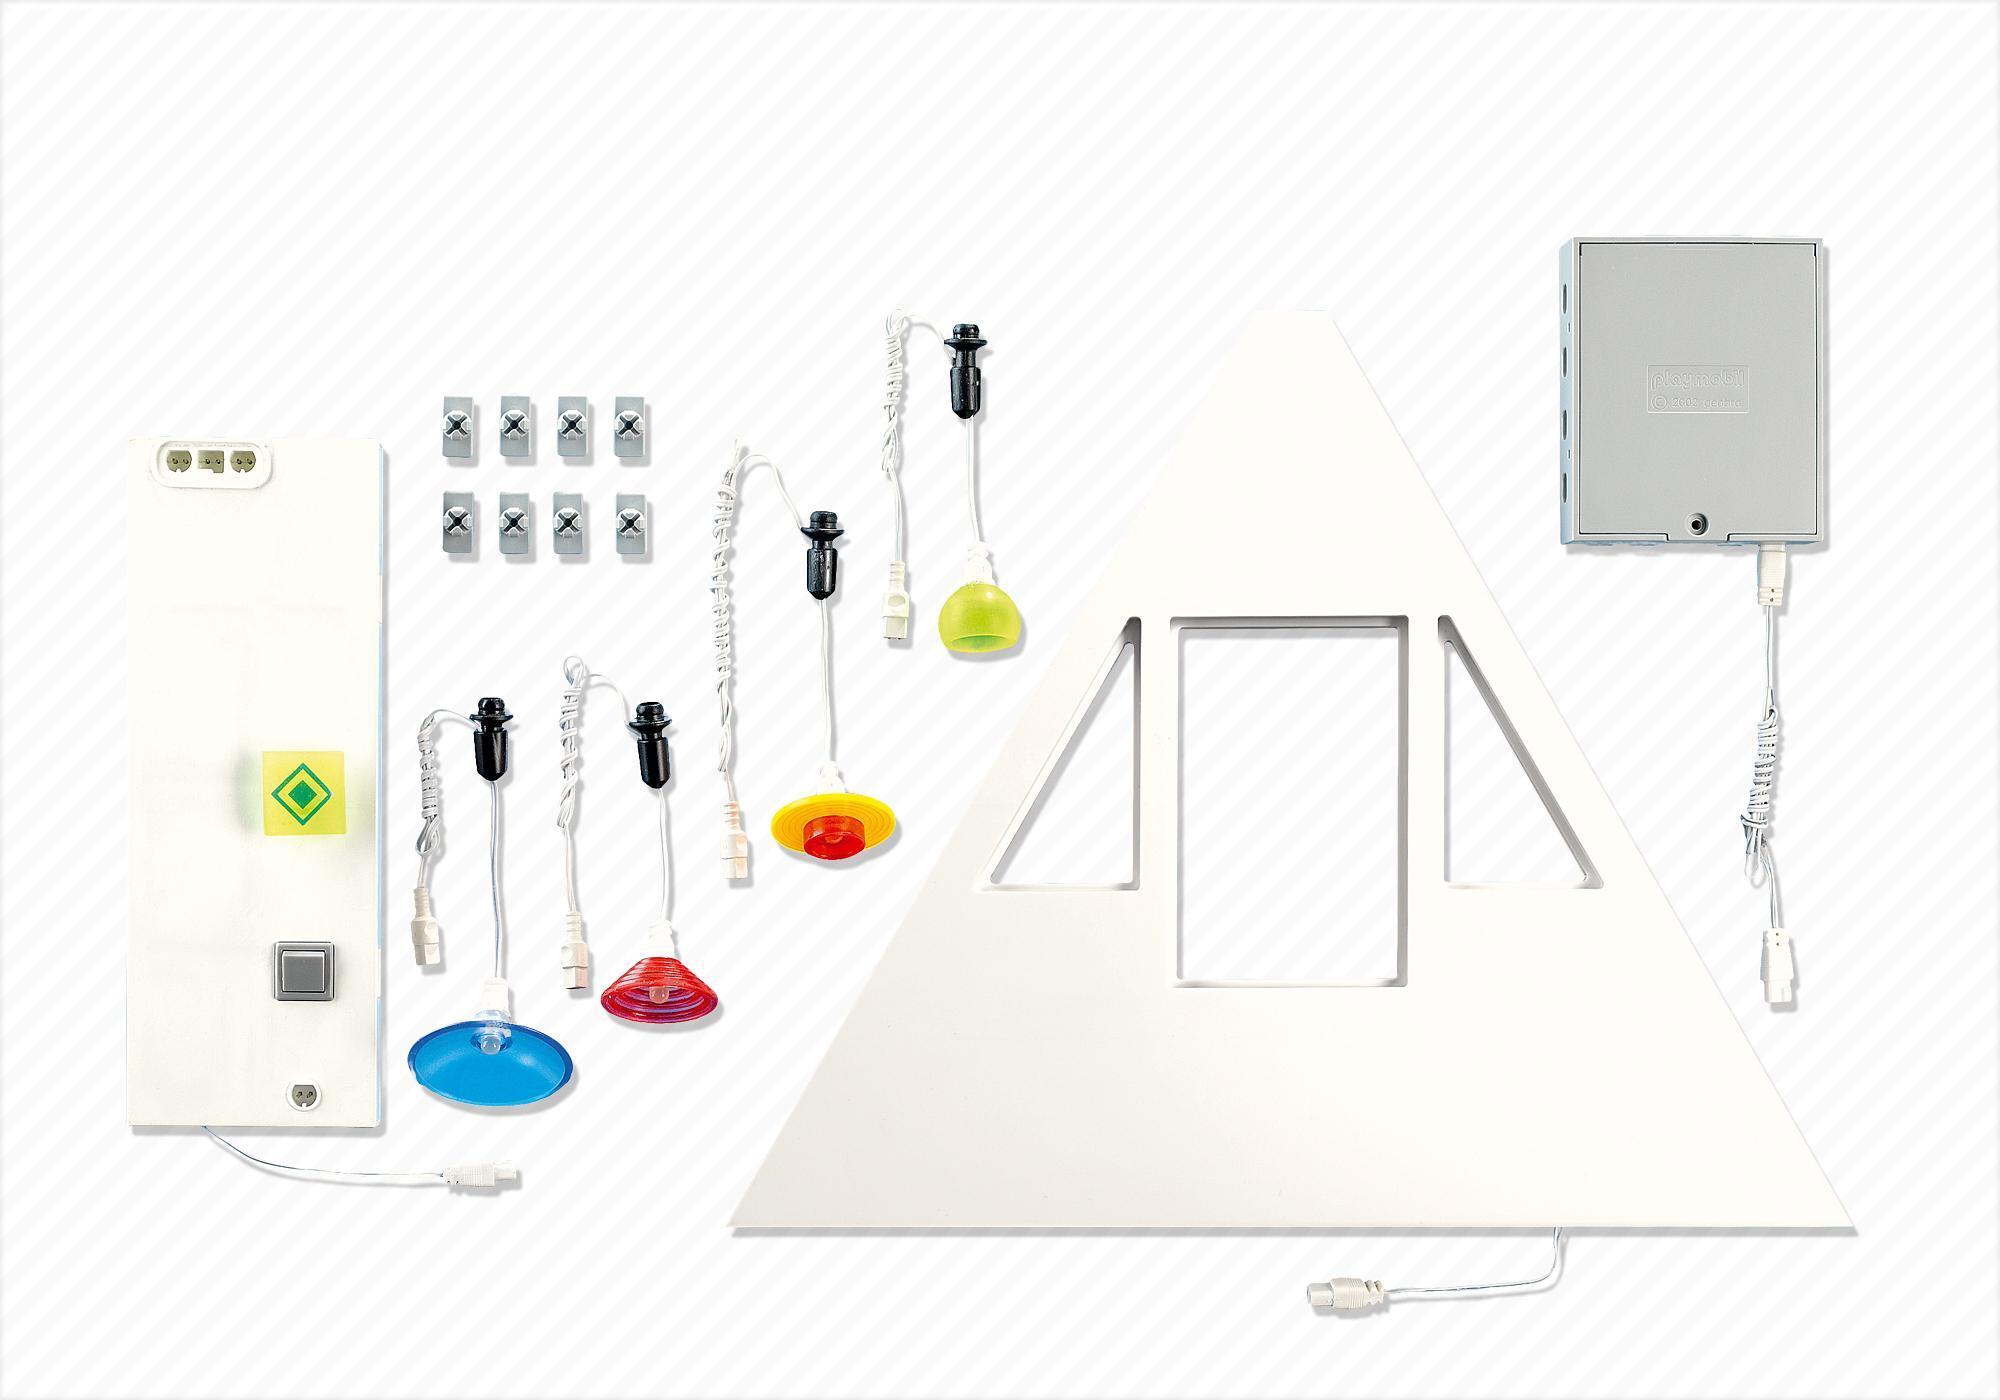 http://media.playmobil.com/i/playmobil/7390_product_detail/Light Kit 1